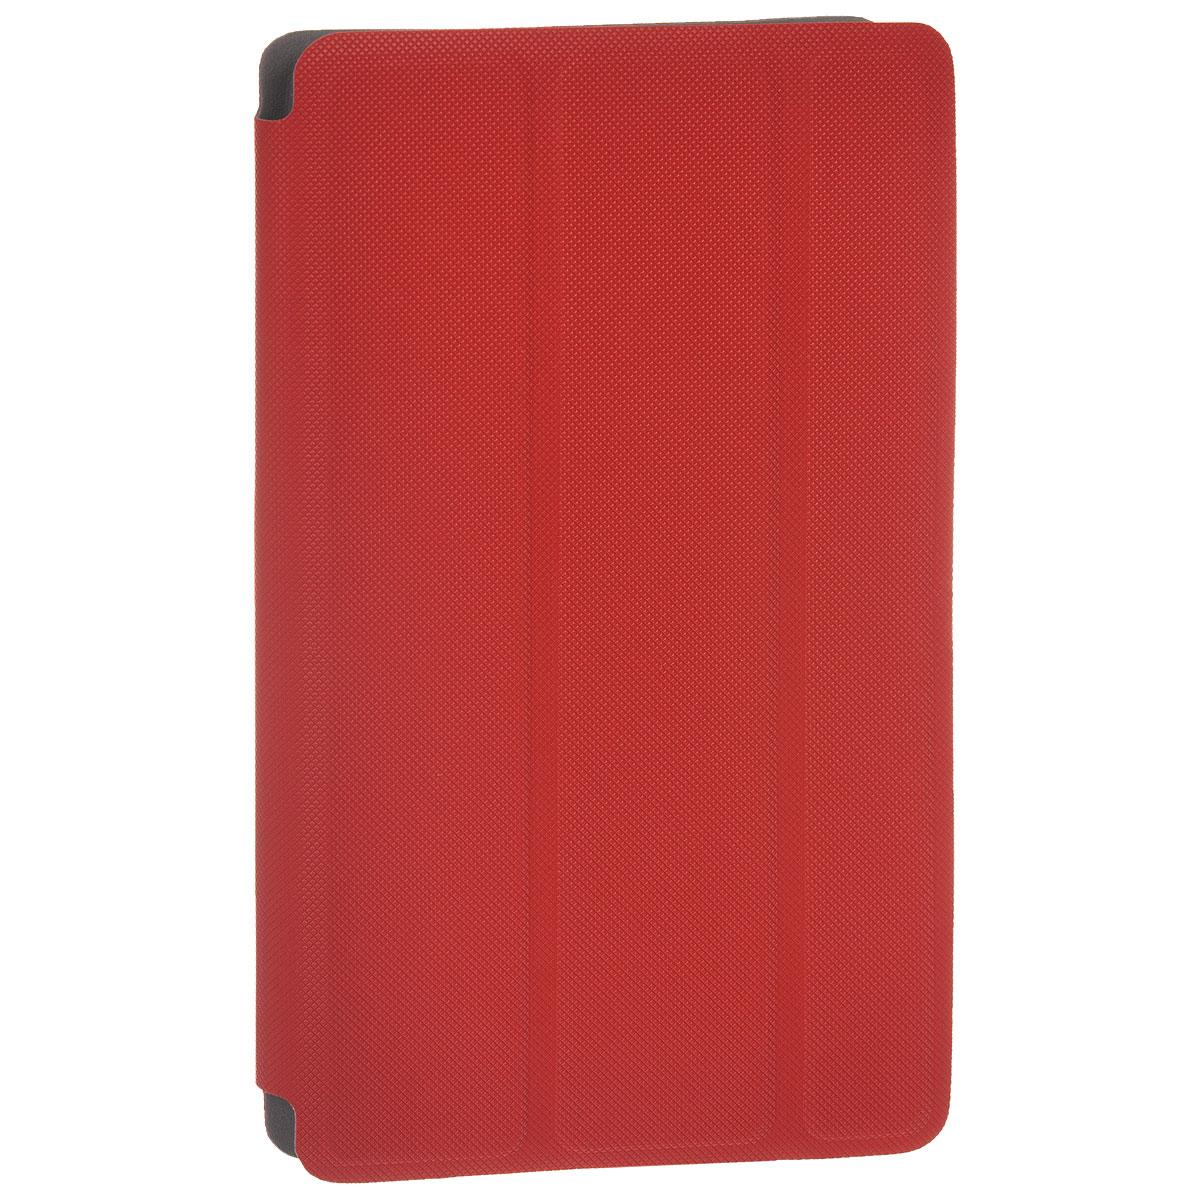 ТJ Stivenson универсальный чехол для планшета 7, RedS020703Универсальный чехол ТJ Stivenson для планшетов и электронных книг с диагональю экрана 7 - это стильный и лаконичный аксессуар, позволяющий сохранить устройство в идеальном состоянии. Надежно удерживая технику, обложка защищает корпус и дисплей от появления царапин, налипания пыли. Имеет свободный доступ ко всем разъемам устройства.